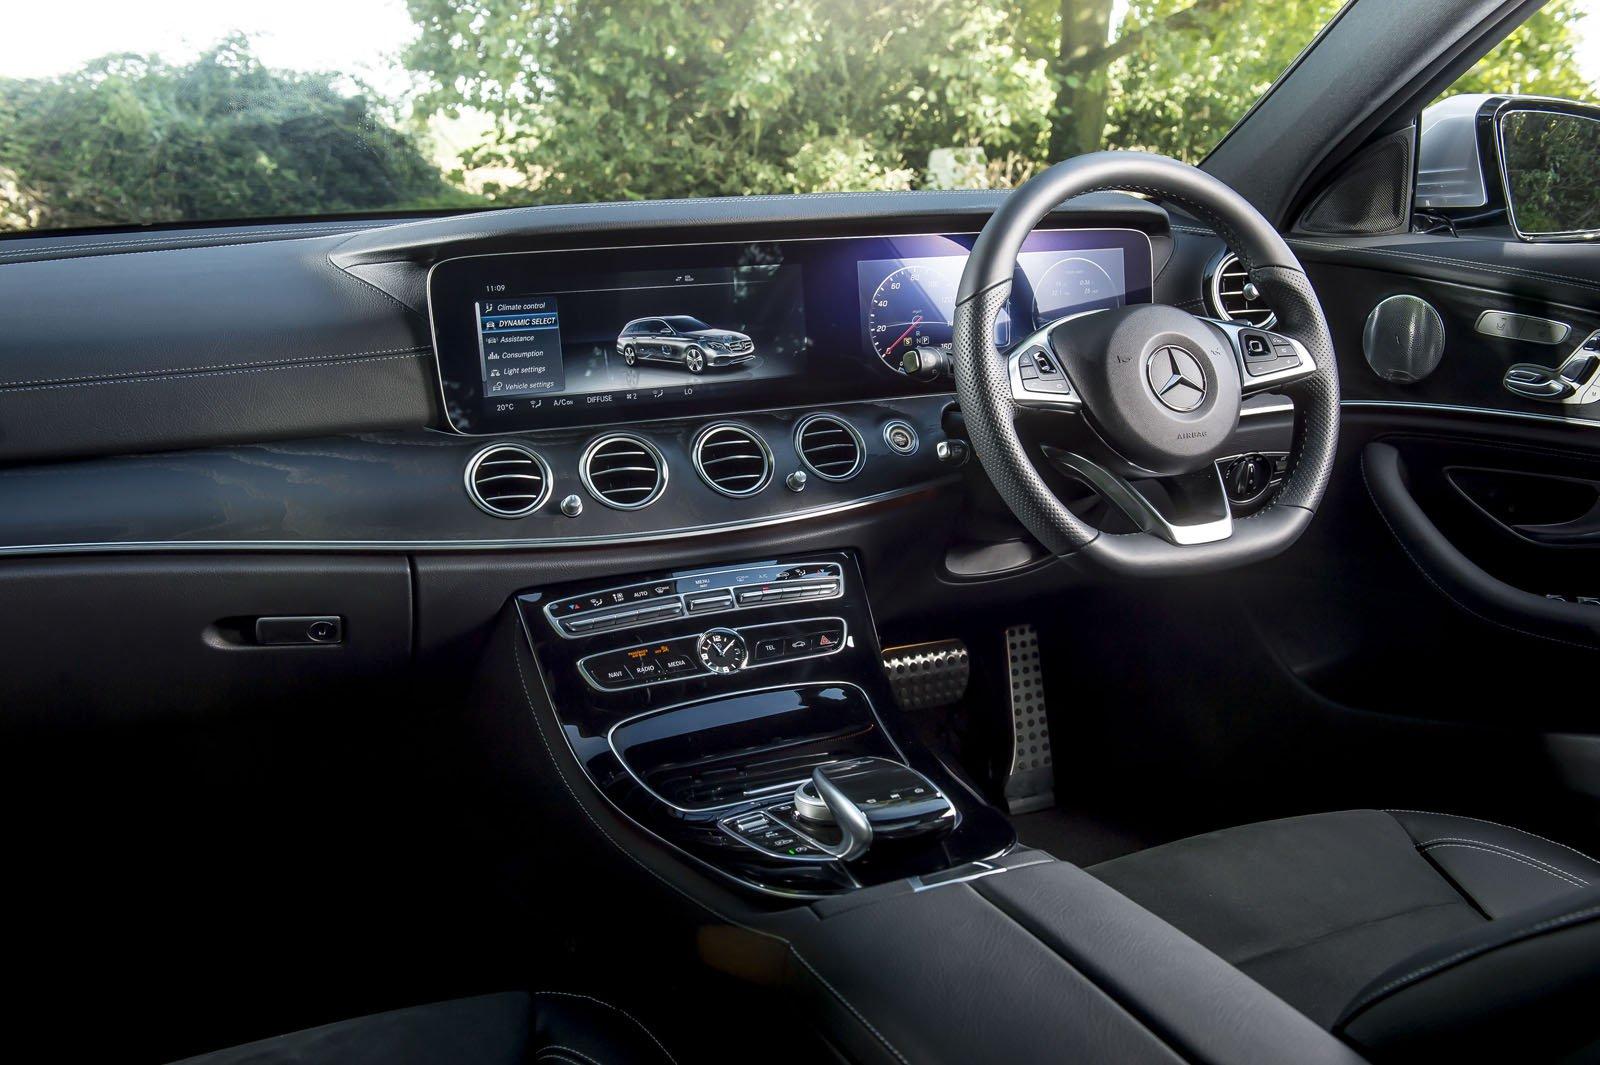 Mercedes-Benz E-Class Estate RHD dashboard